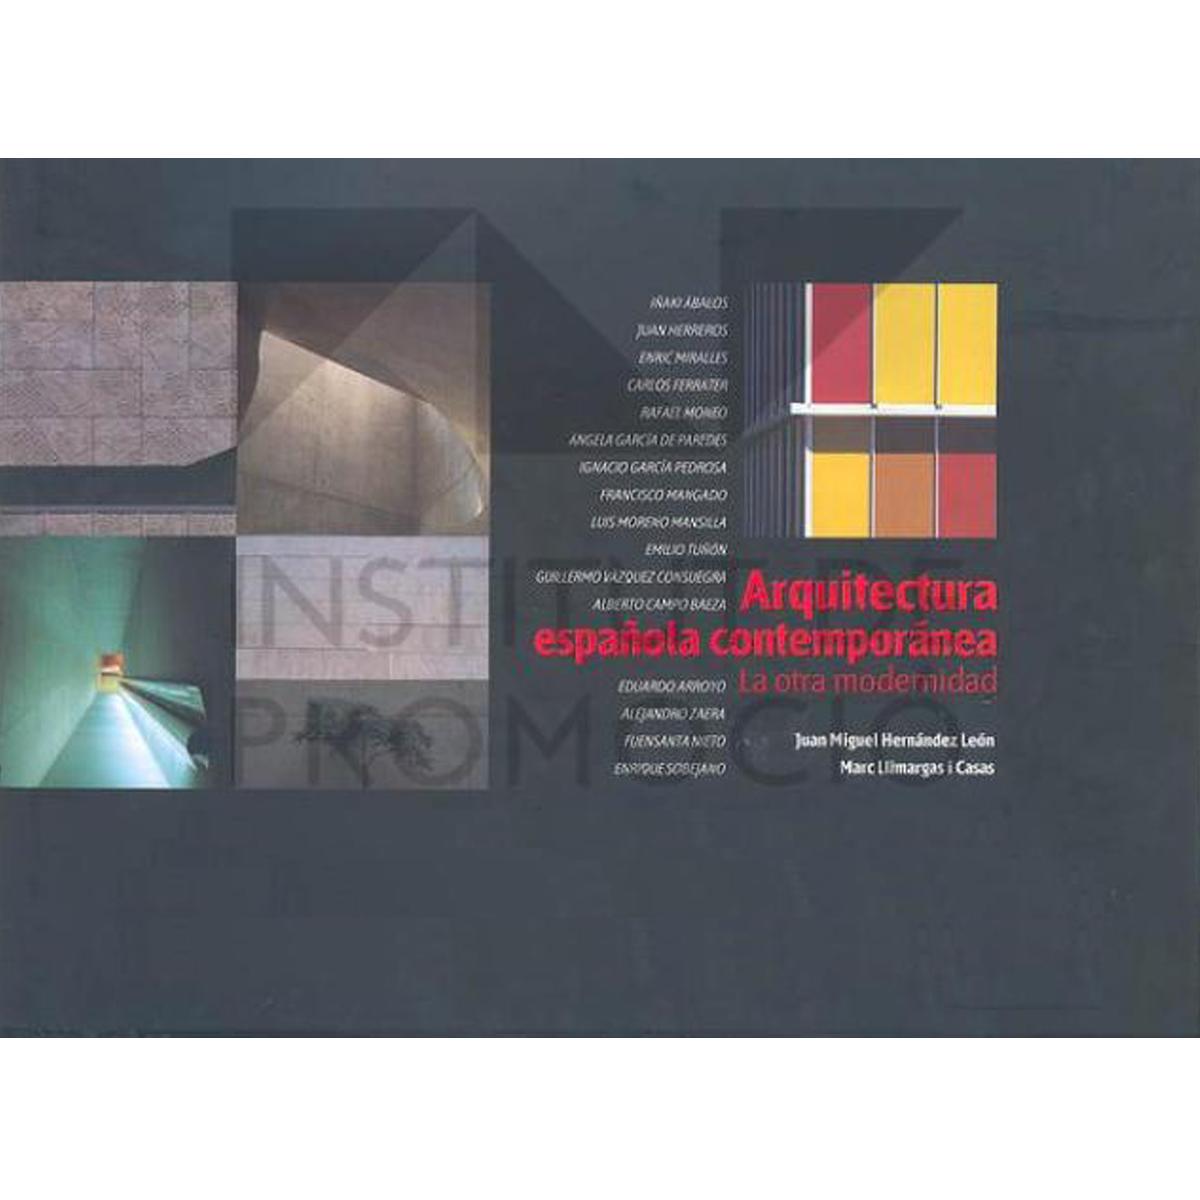 Arquitectura española contemporánea